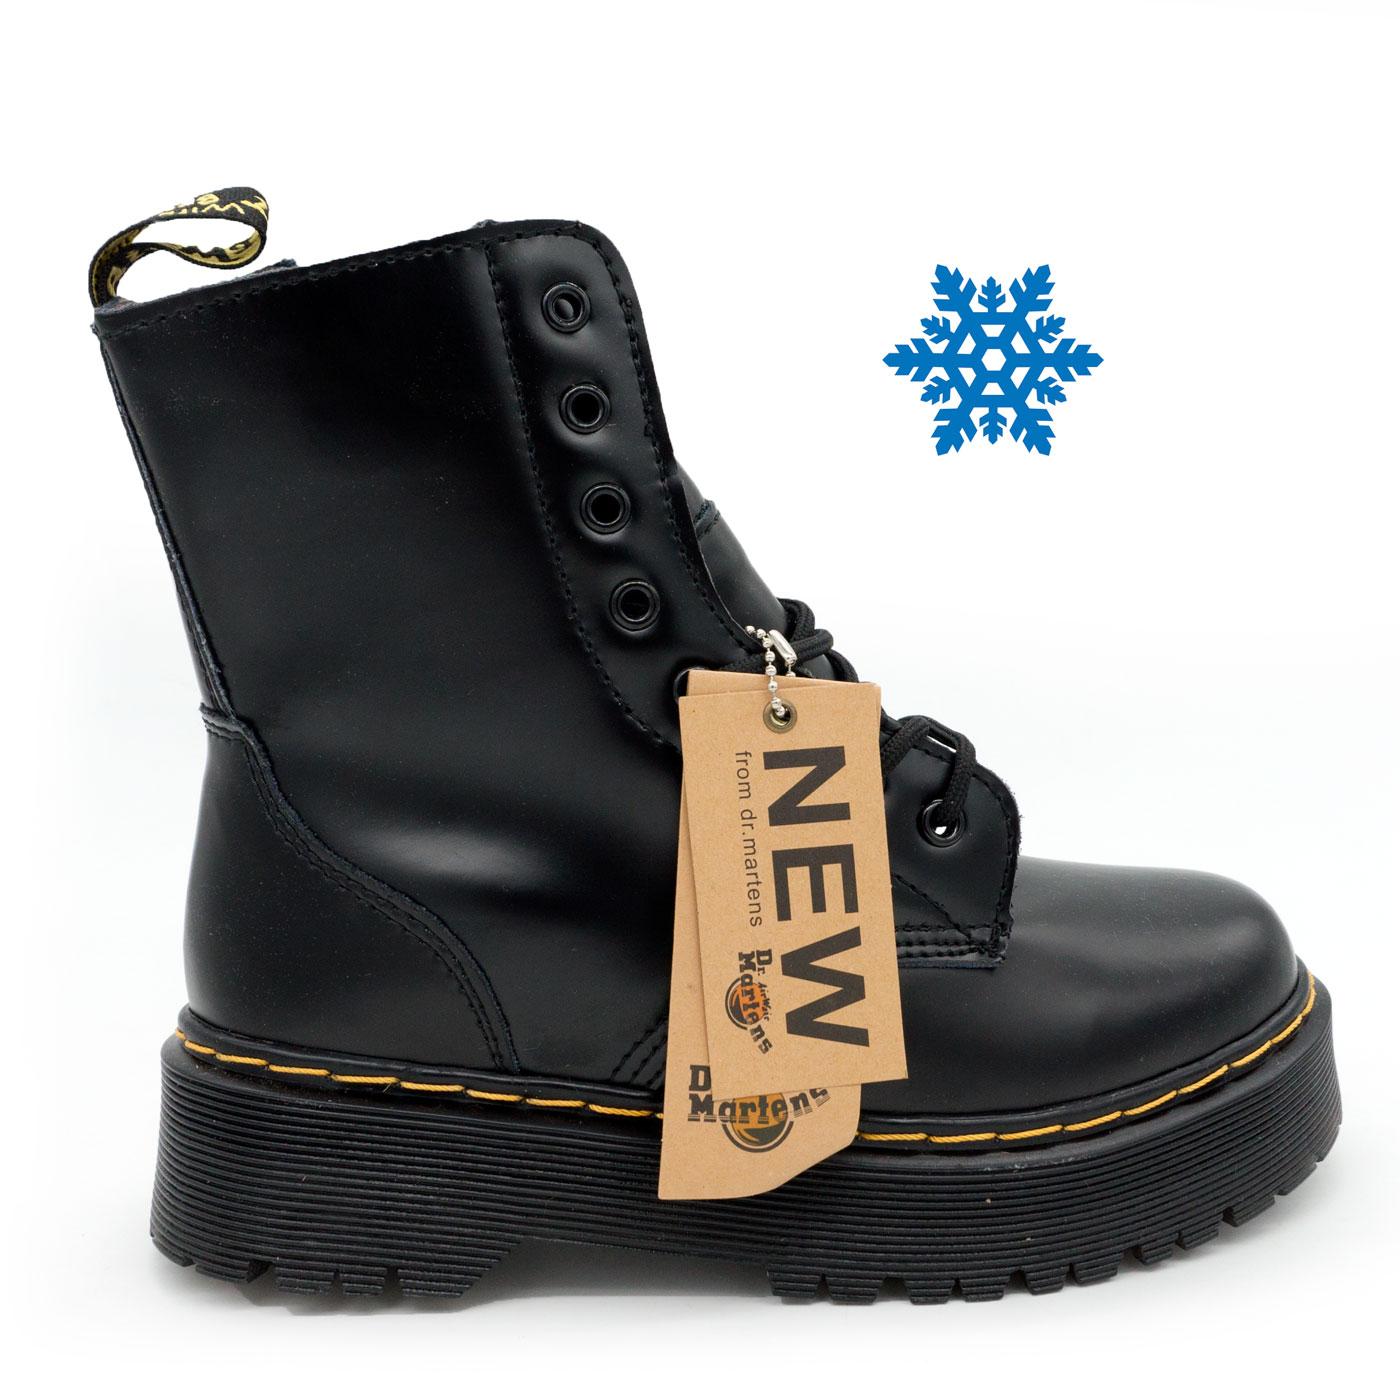 фото main Зимние черные женские ботинки в Dr. Martens на платформе, натуральная гладкая кожа - Топ качество! main